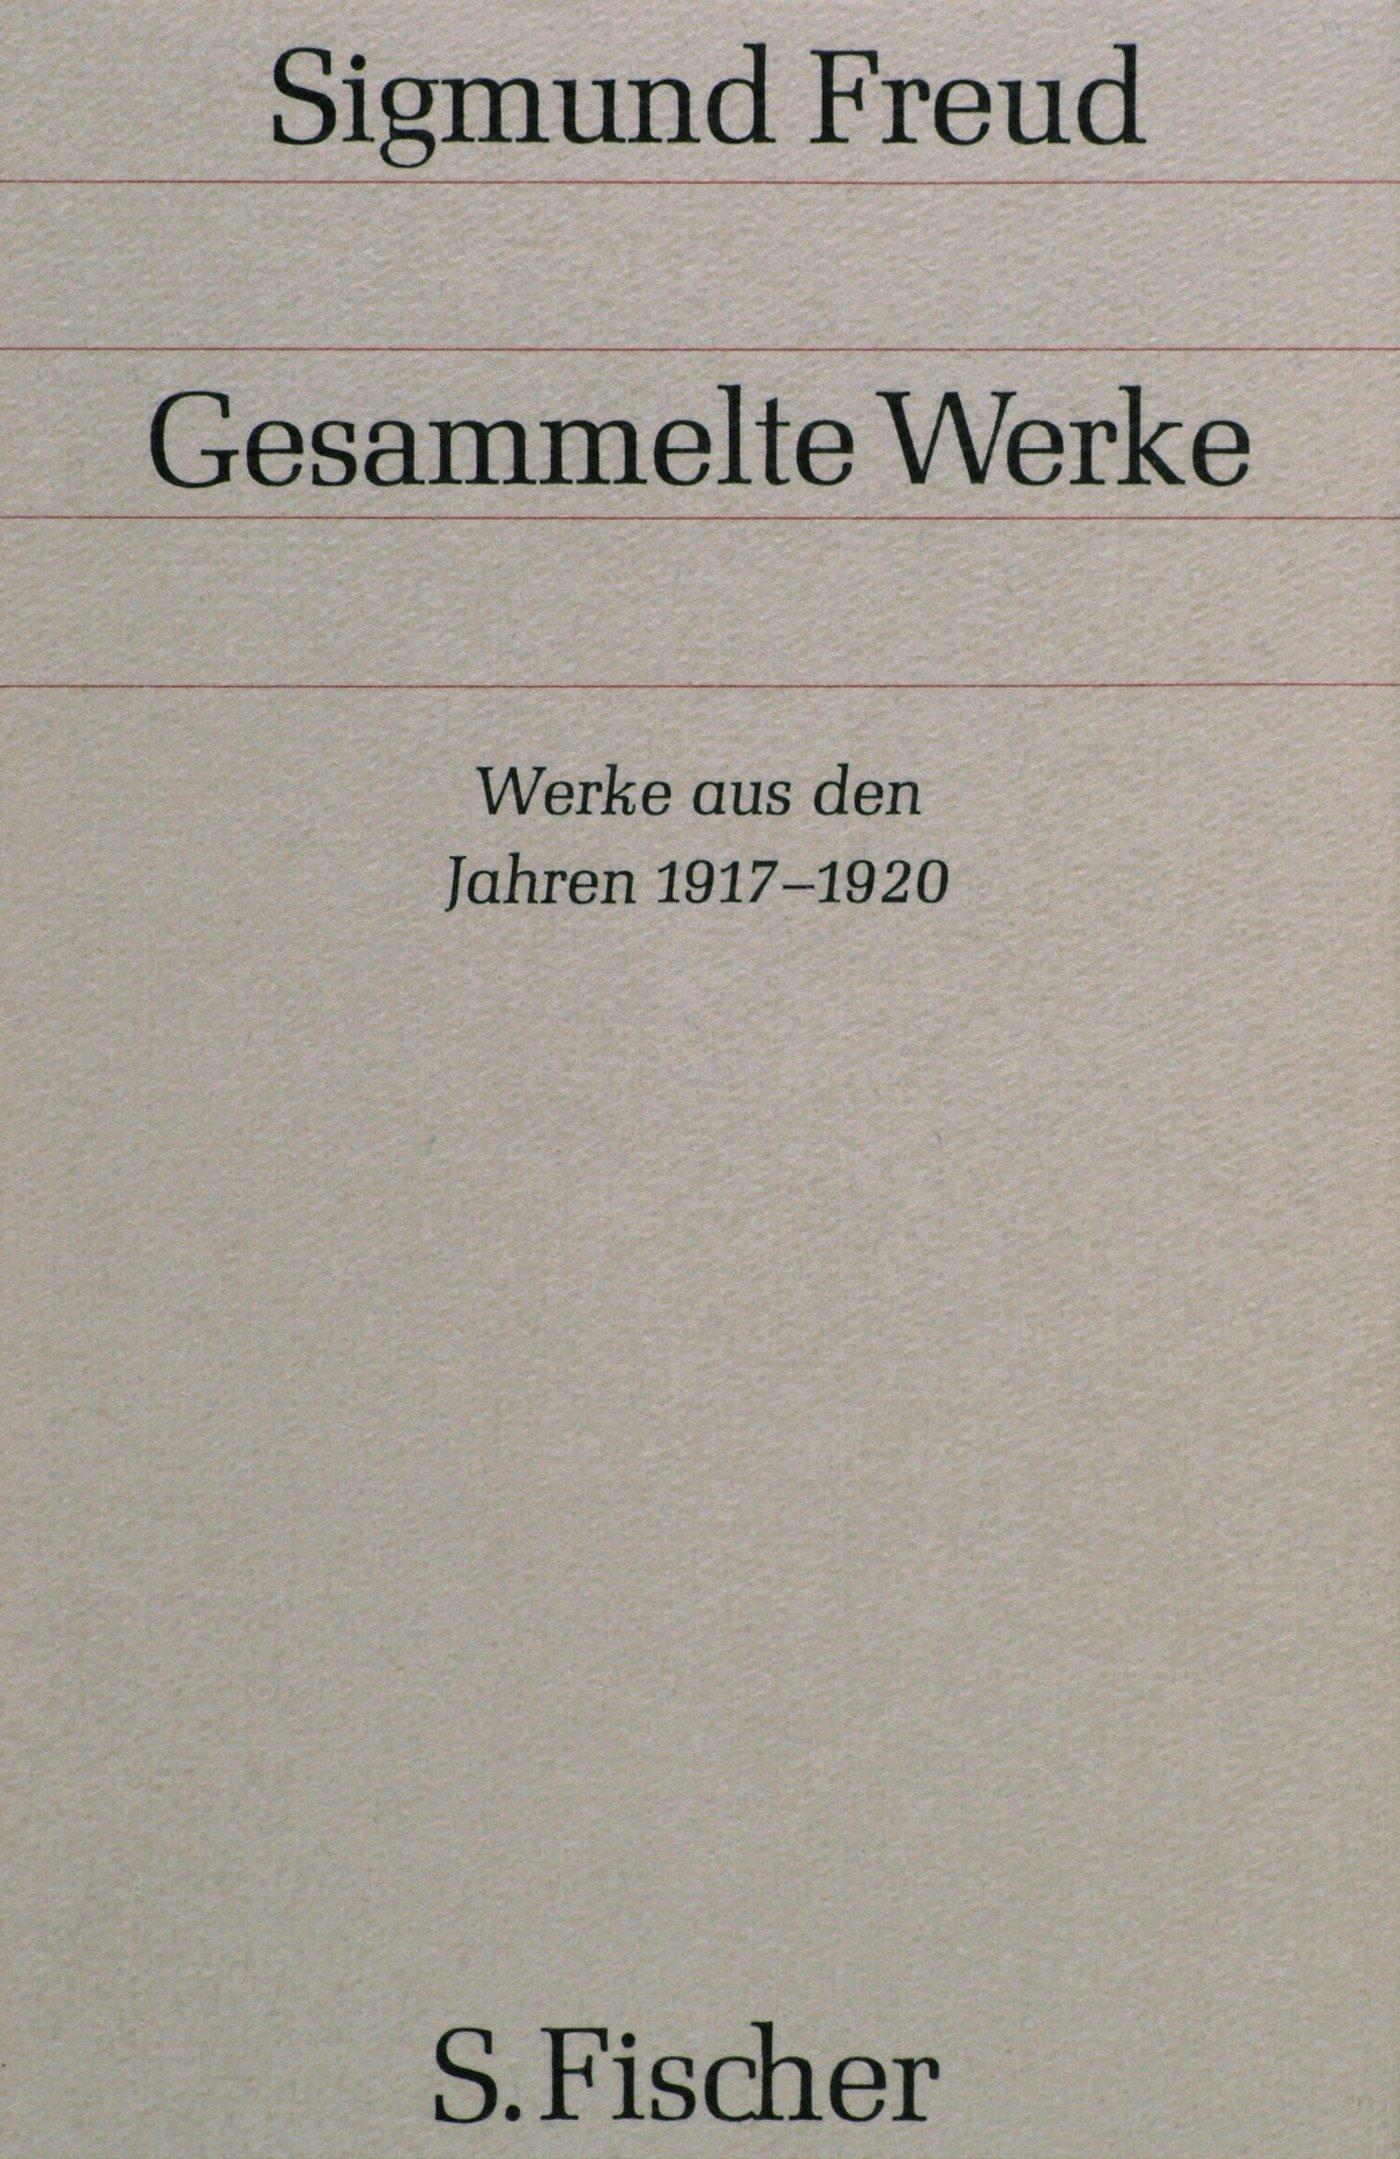 Gesammelte Werke - Band 12 (XII)